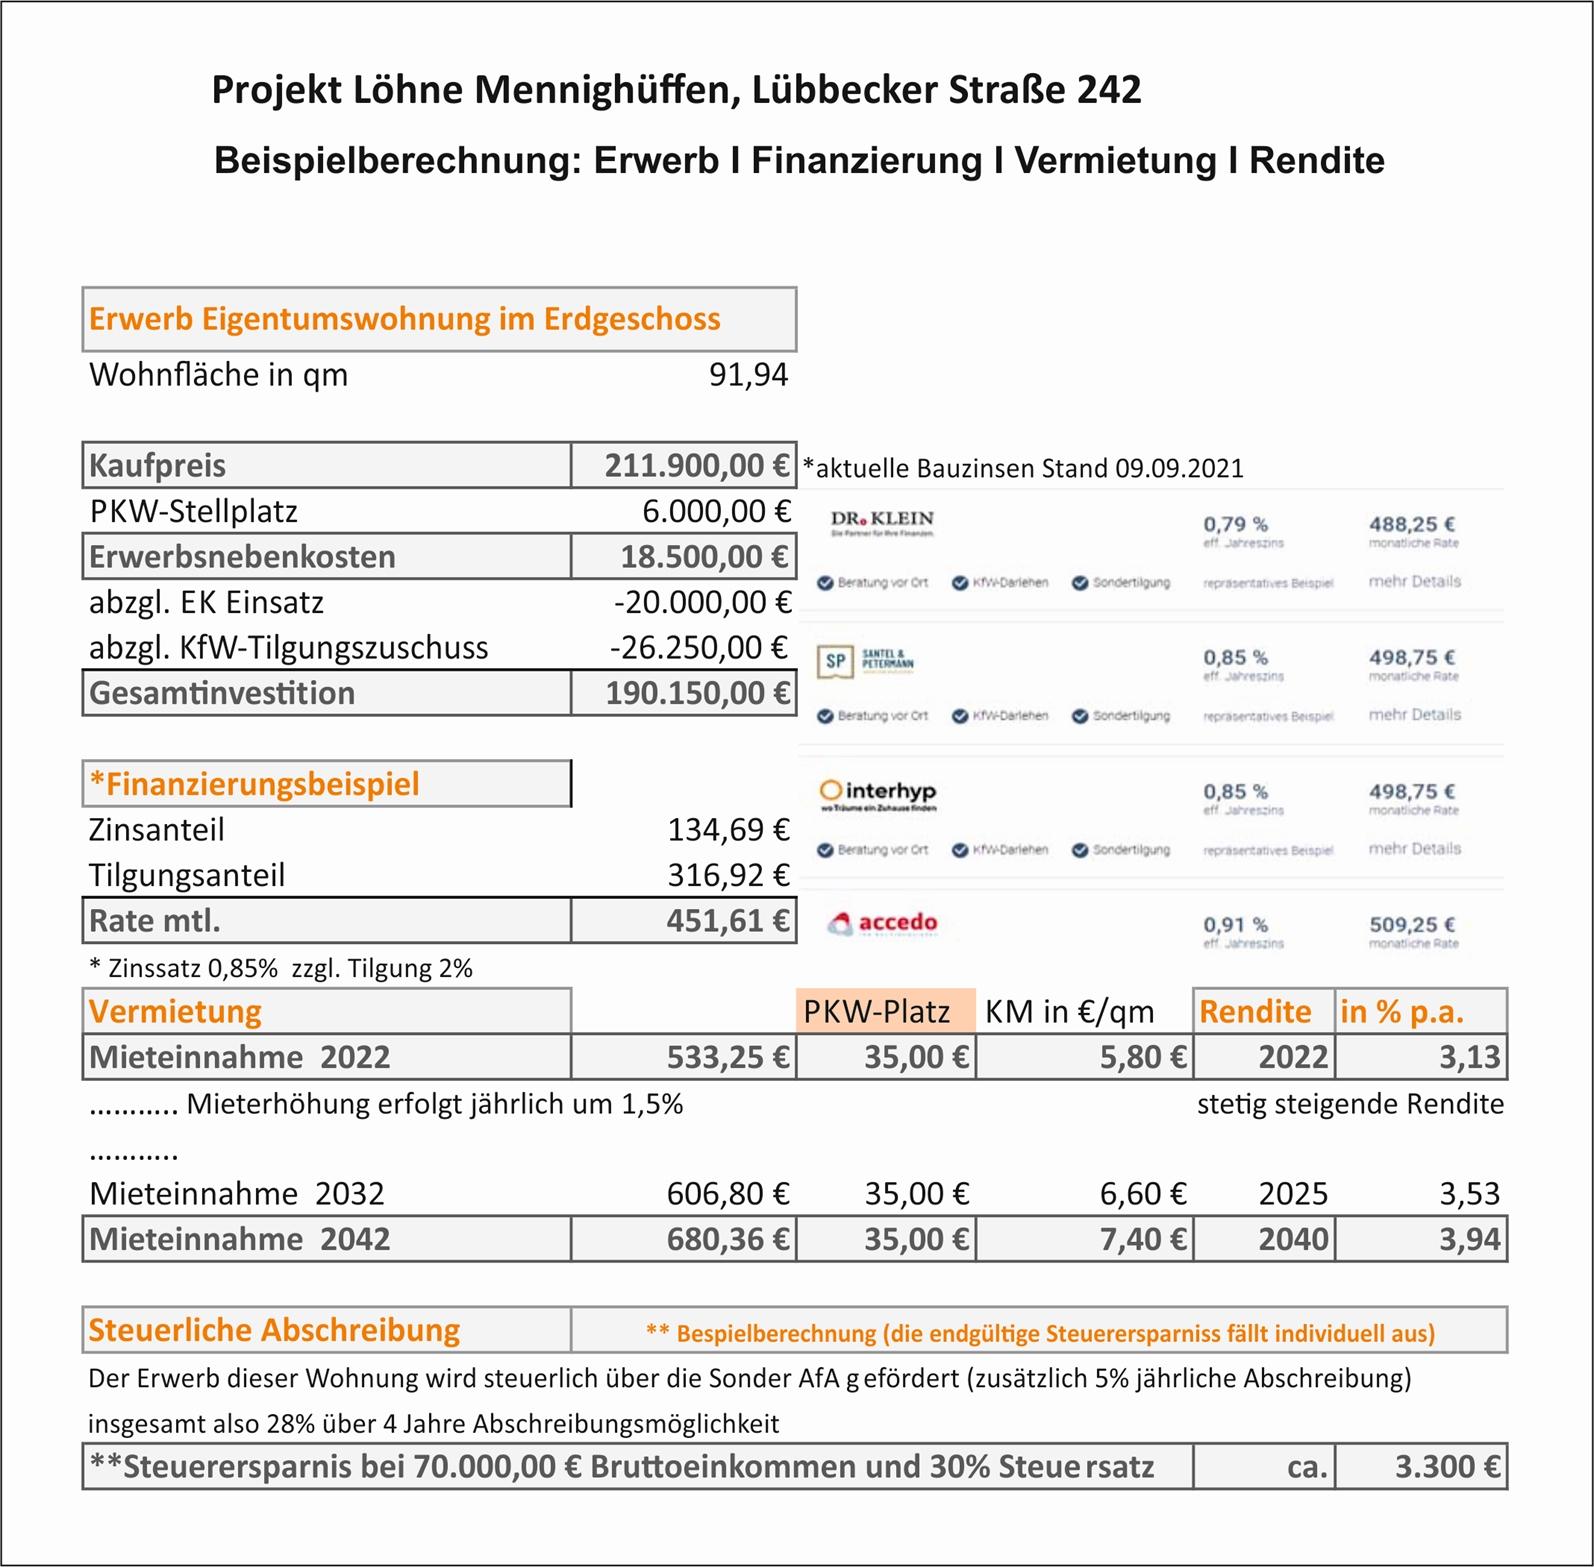 Beispielberechnunng_Finanzieur